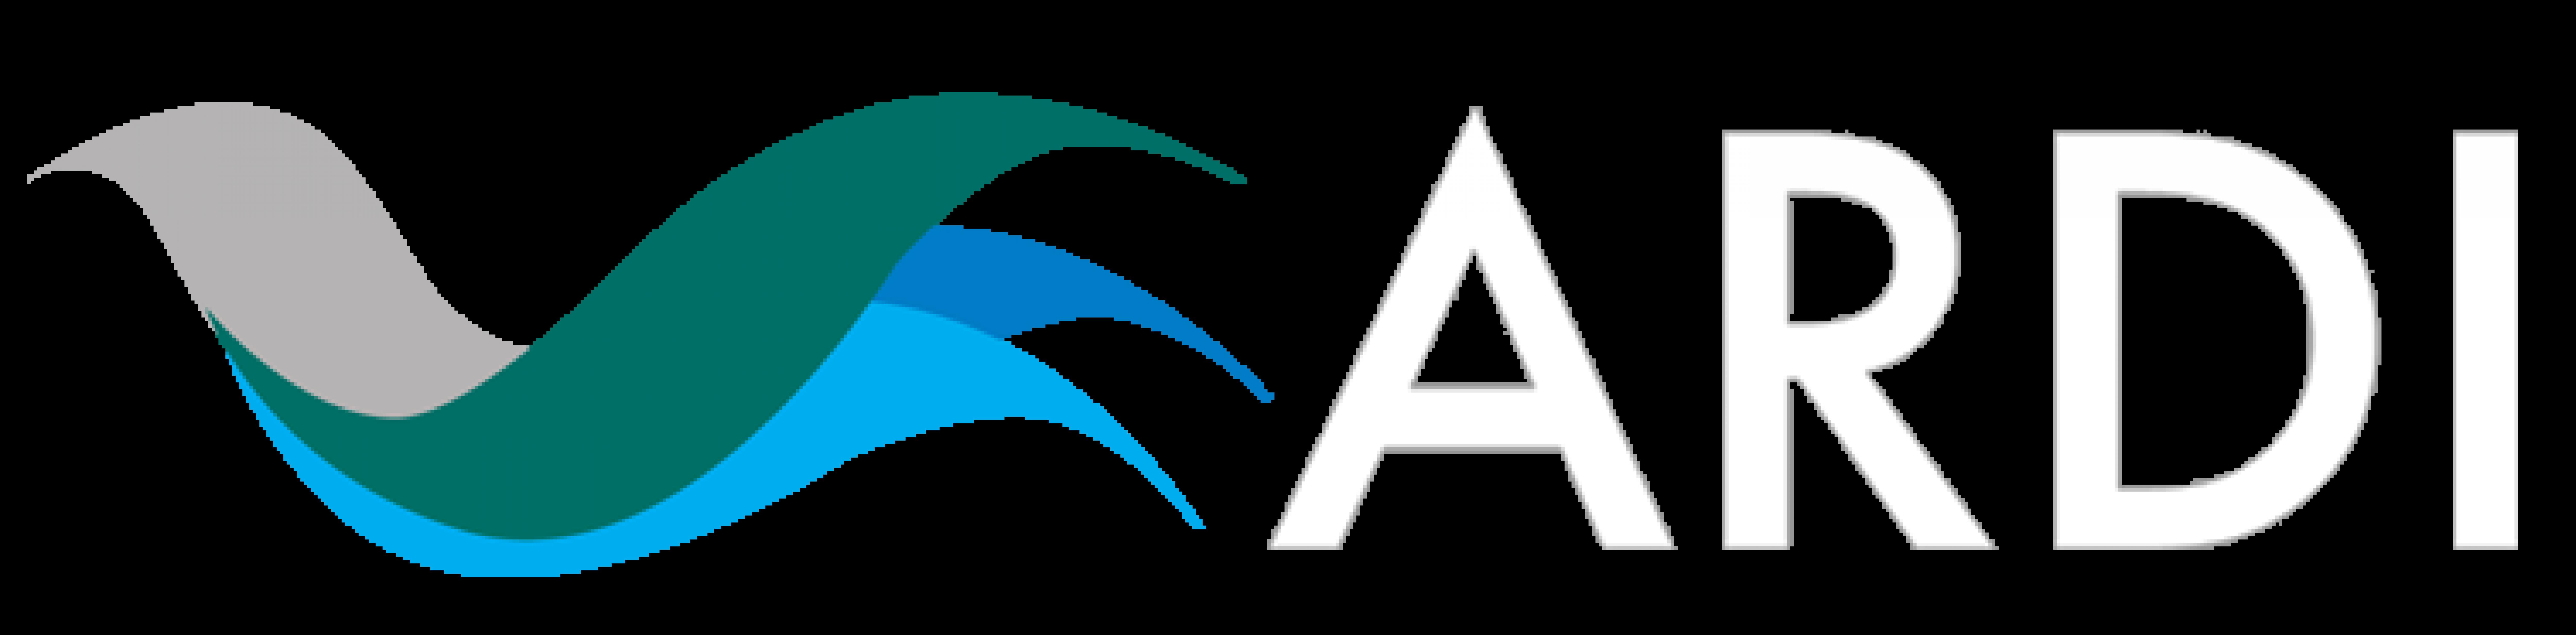 cropped-ardi-logo1.png